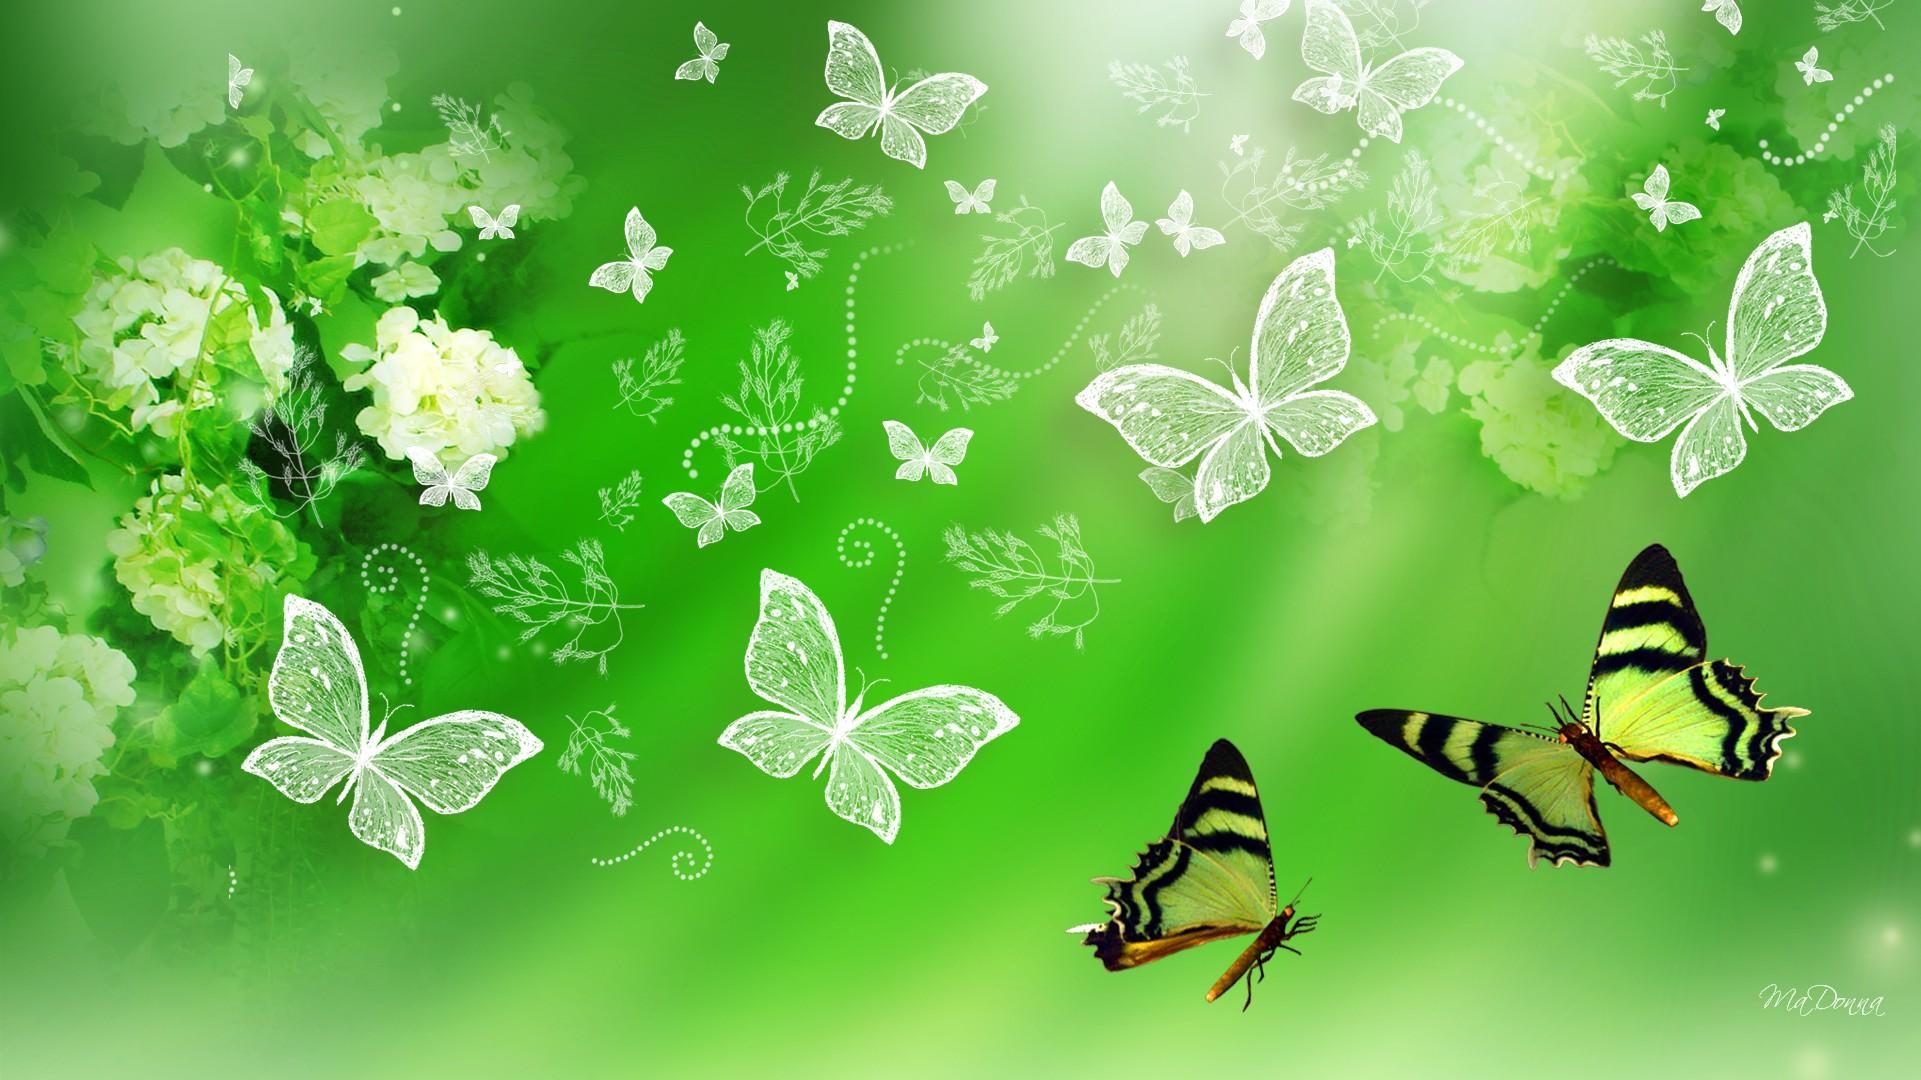 Green Hydrangea and Butterflies wallpaper   ForWallpapercom 1921x1080